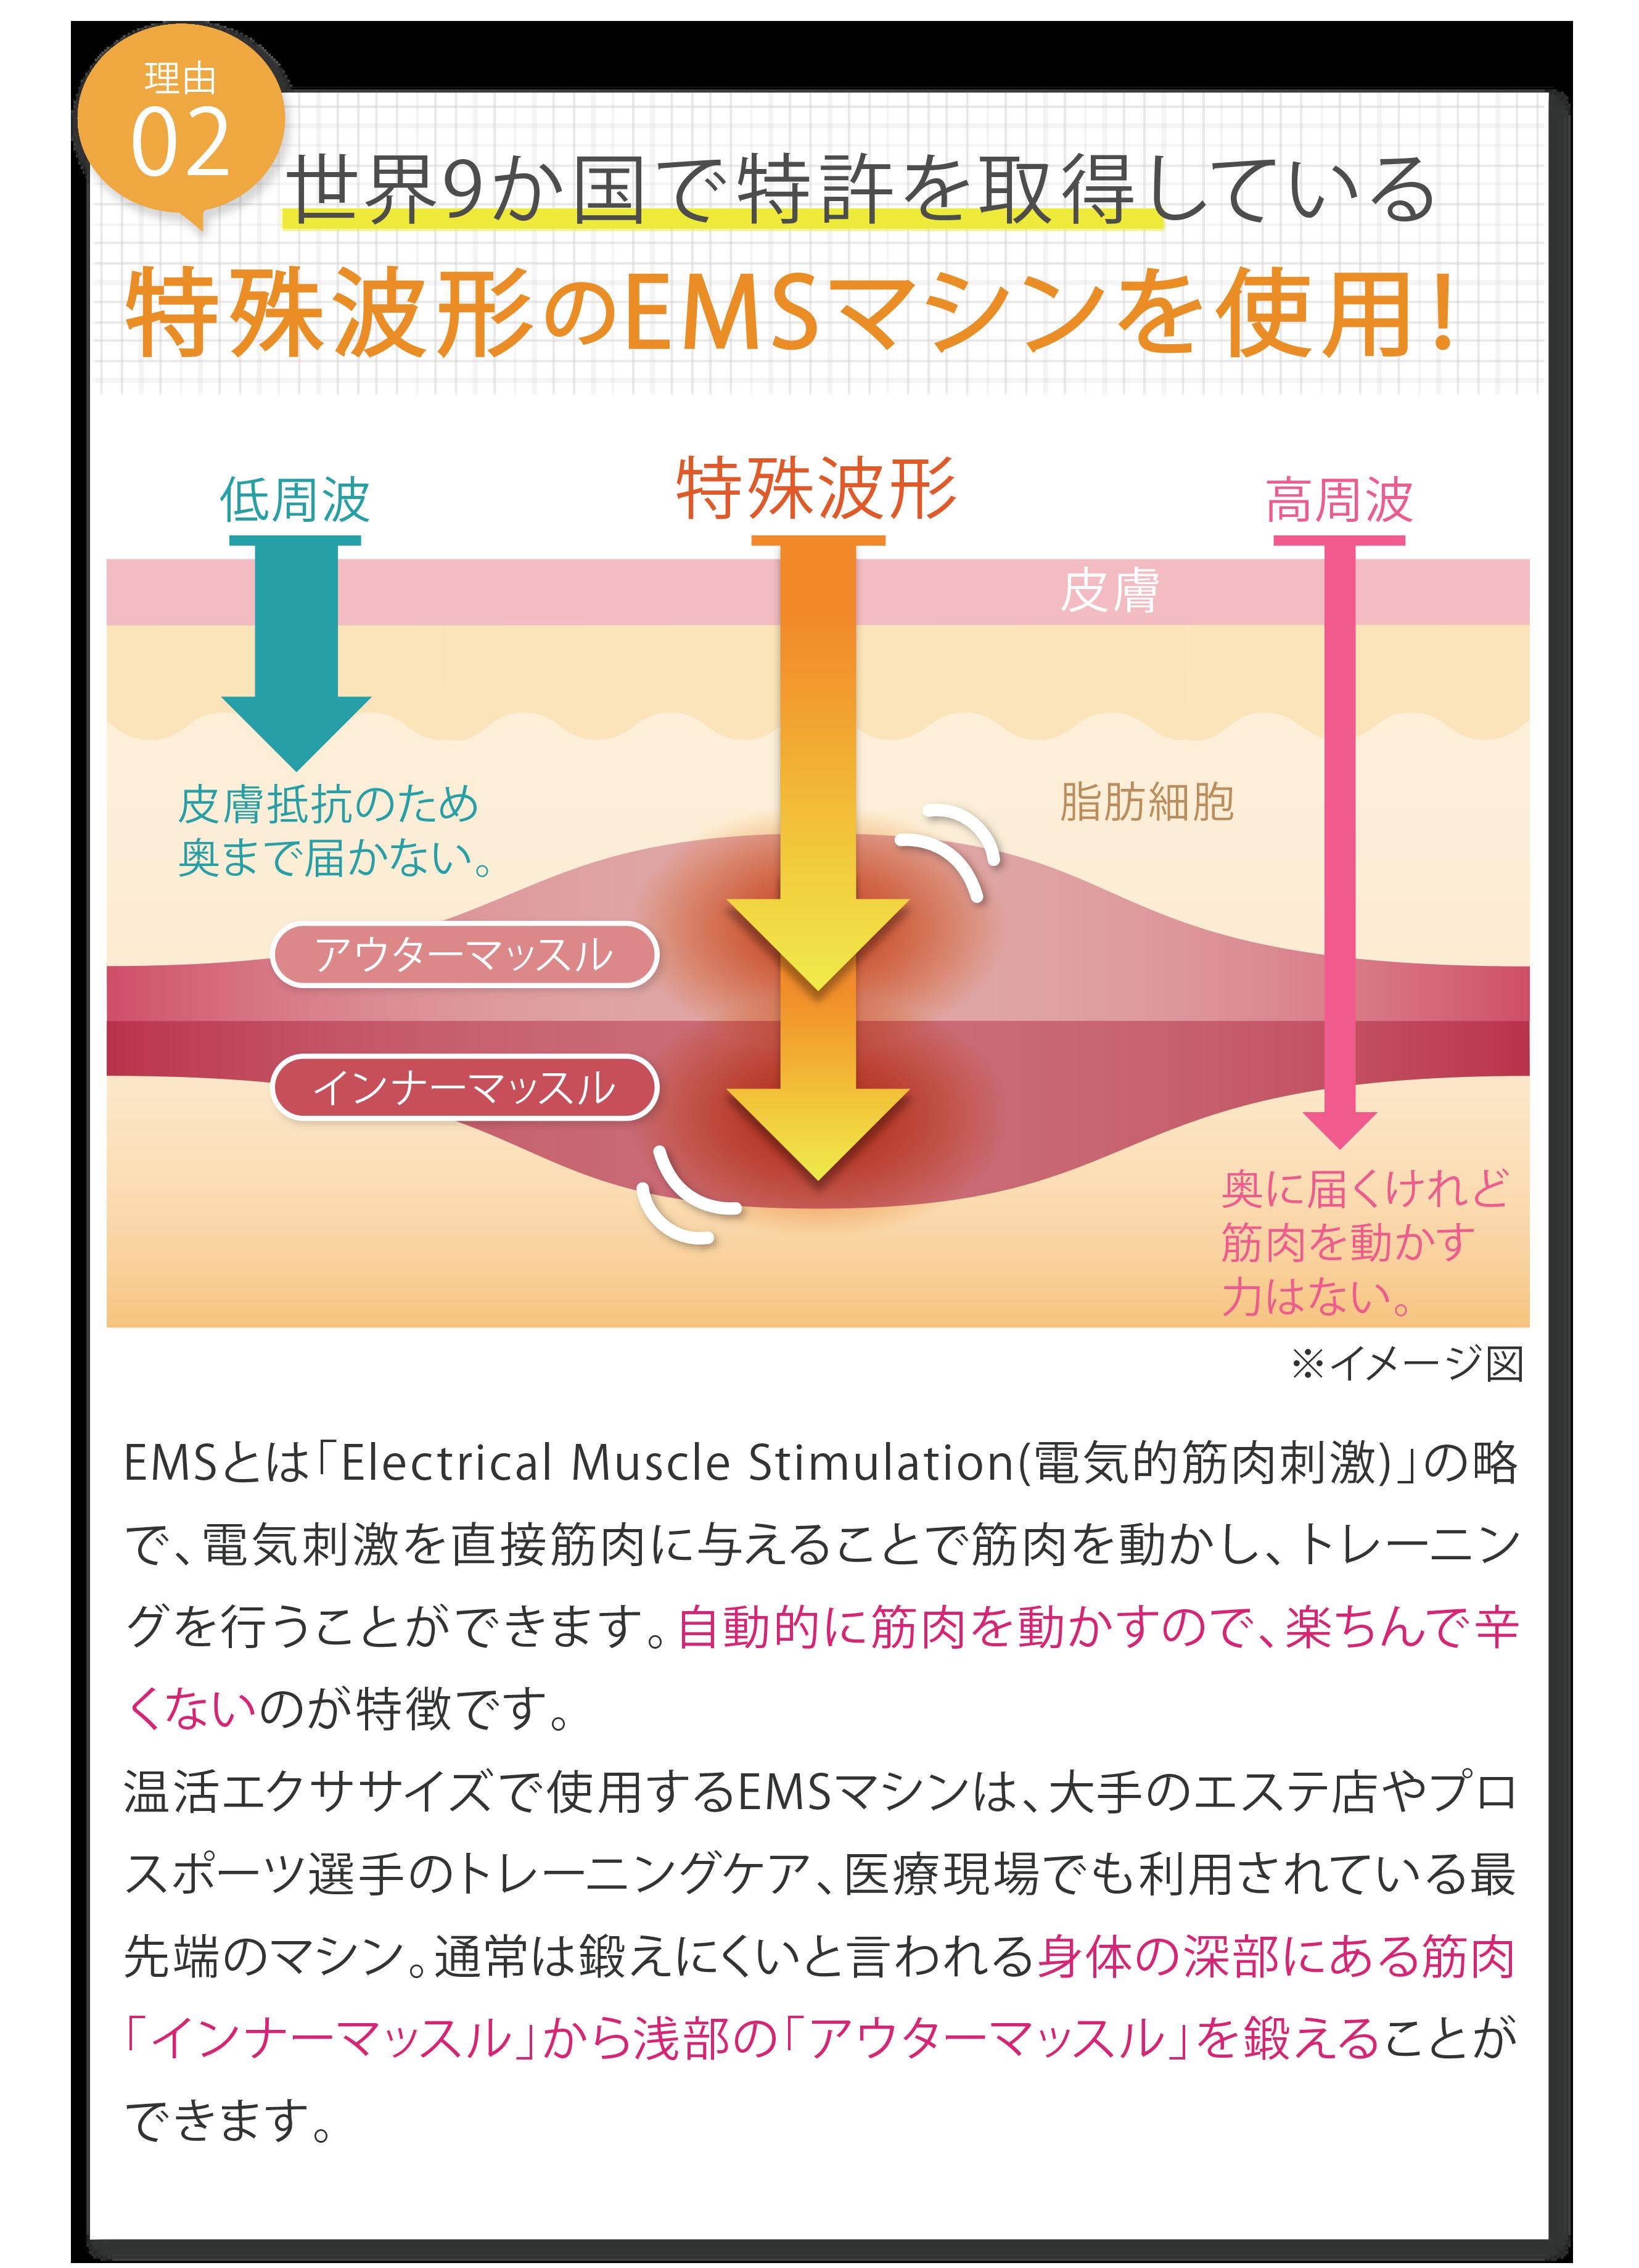 特許波形EMS